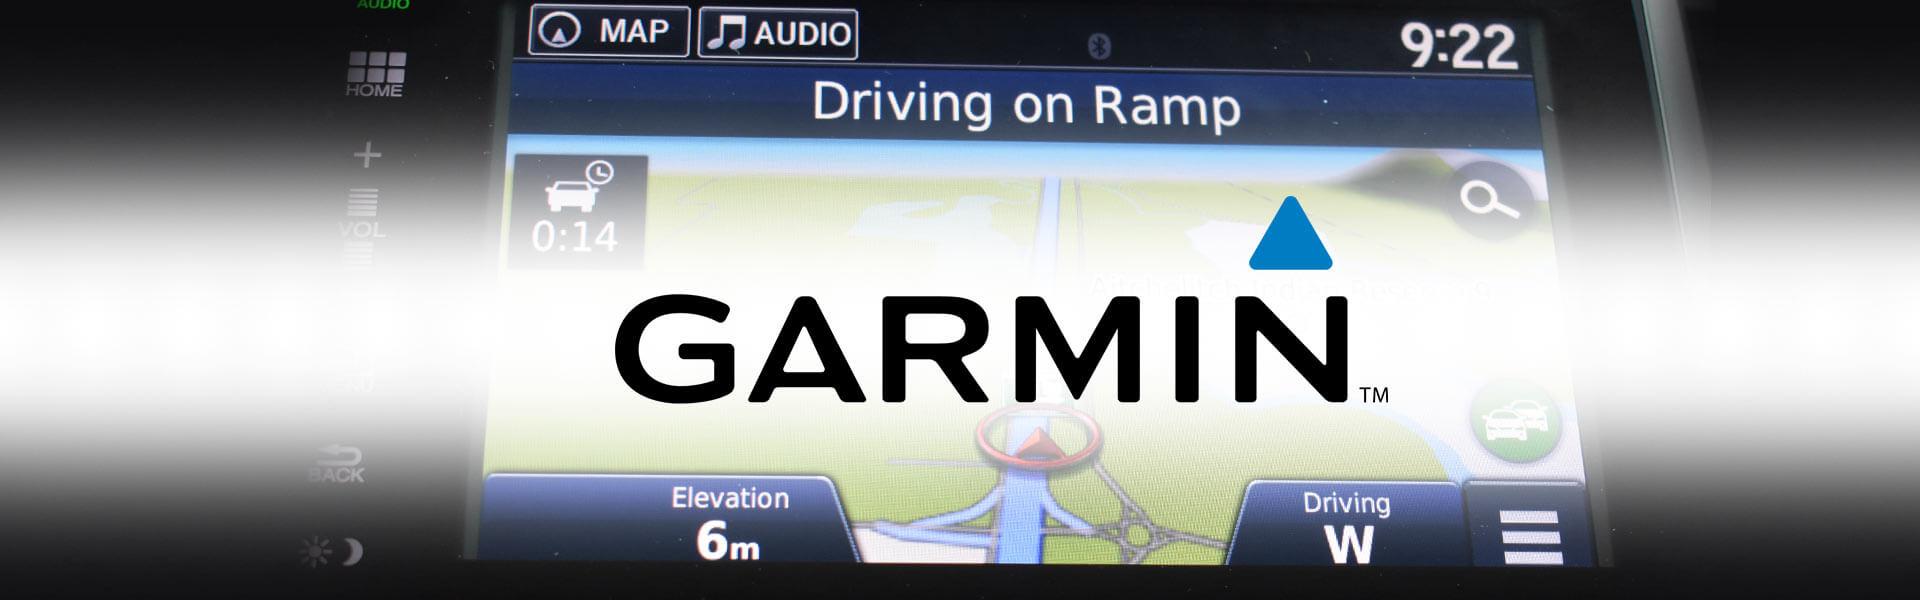 Garmin Navigation Update Murray Honda